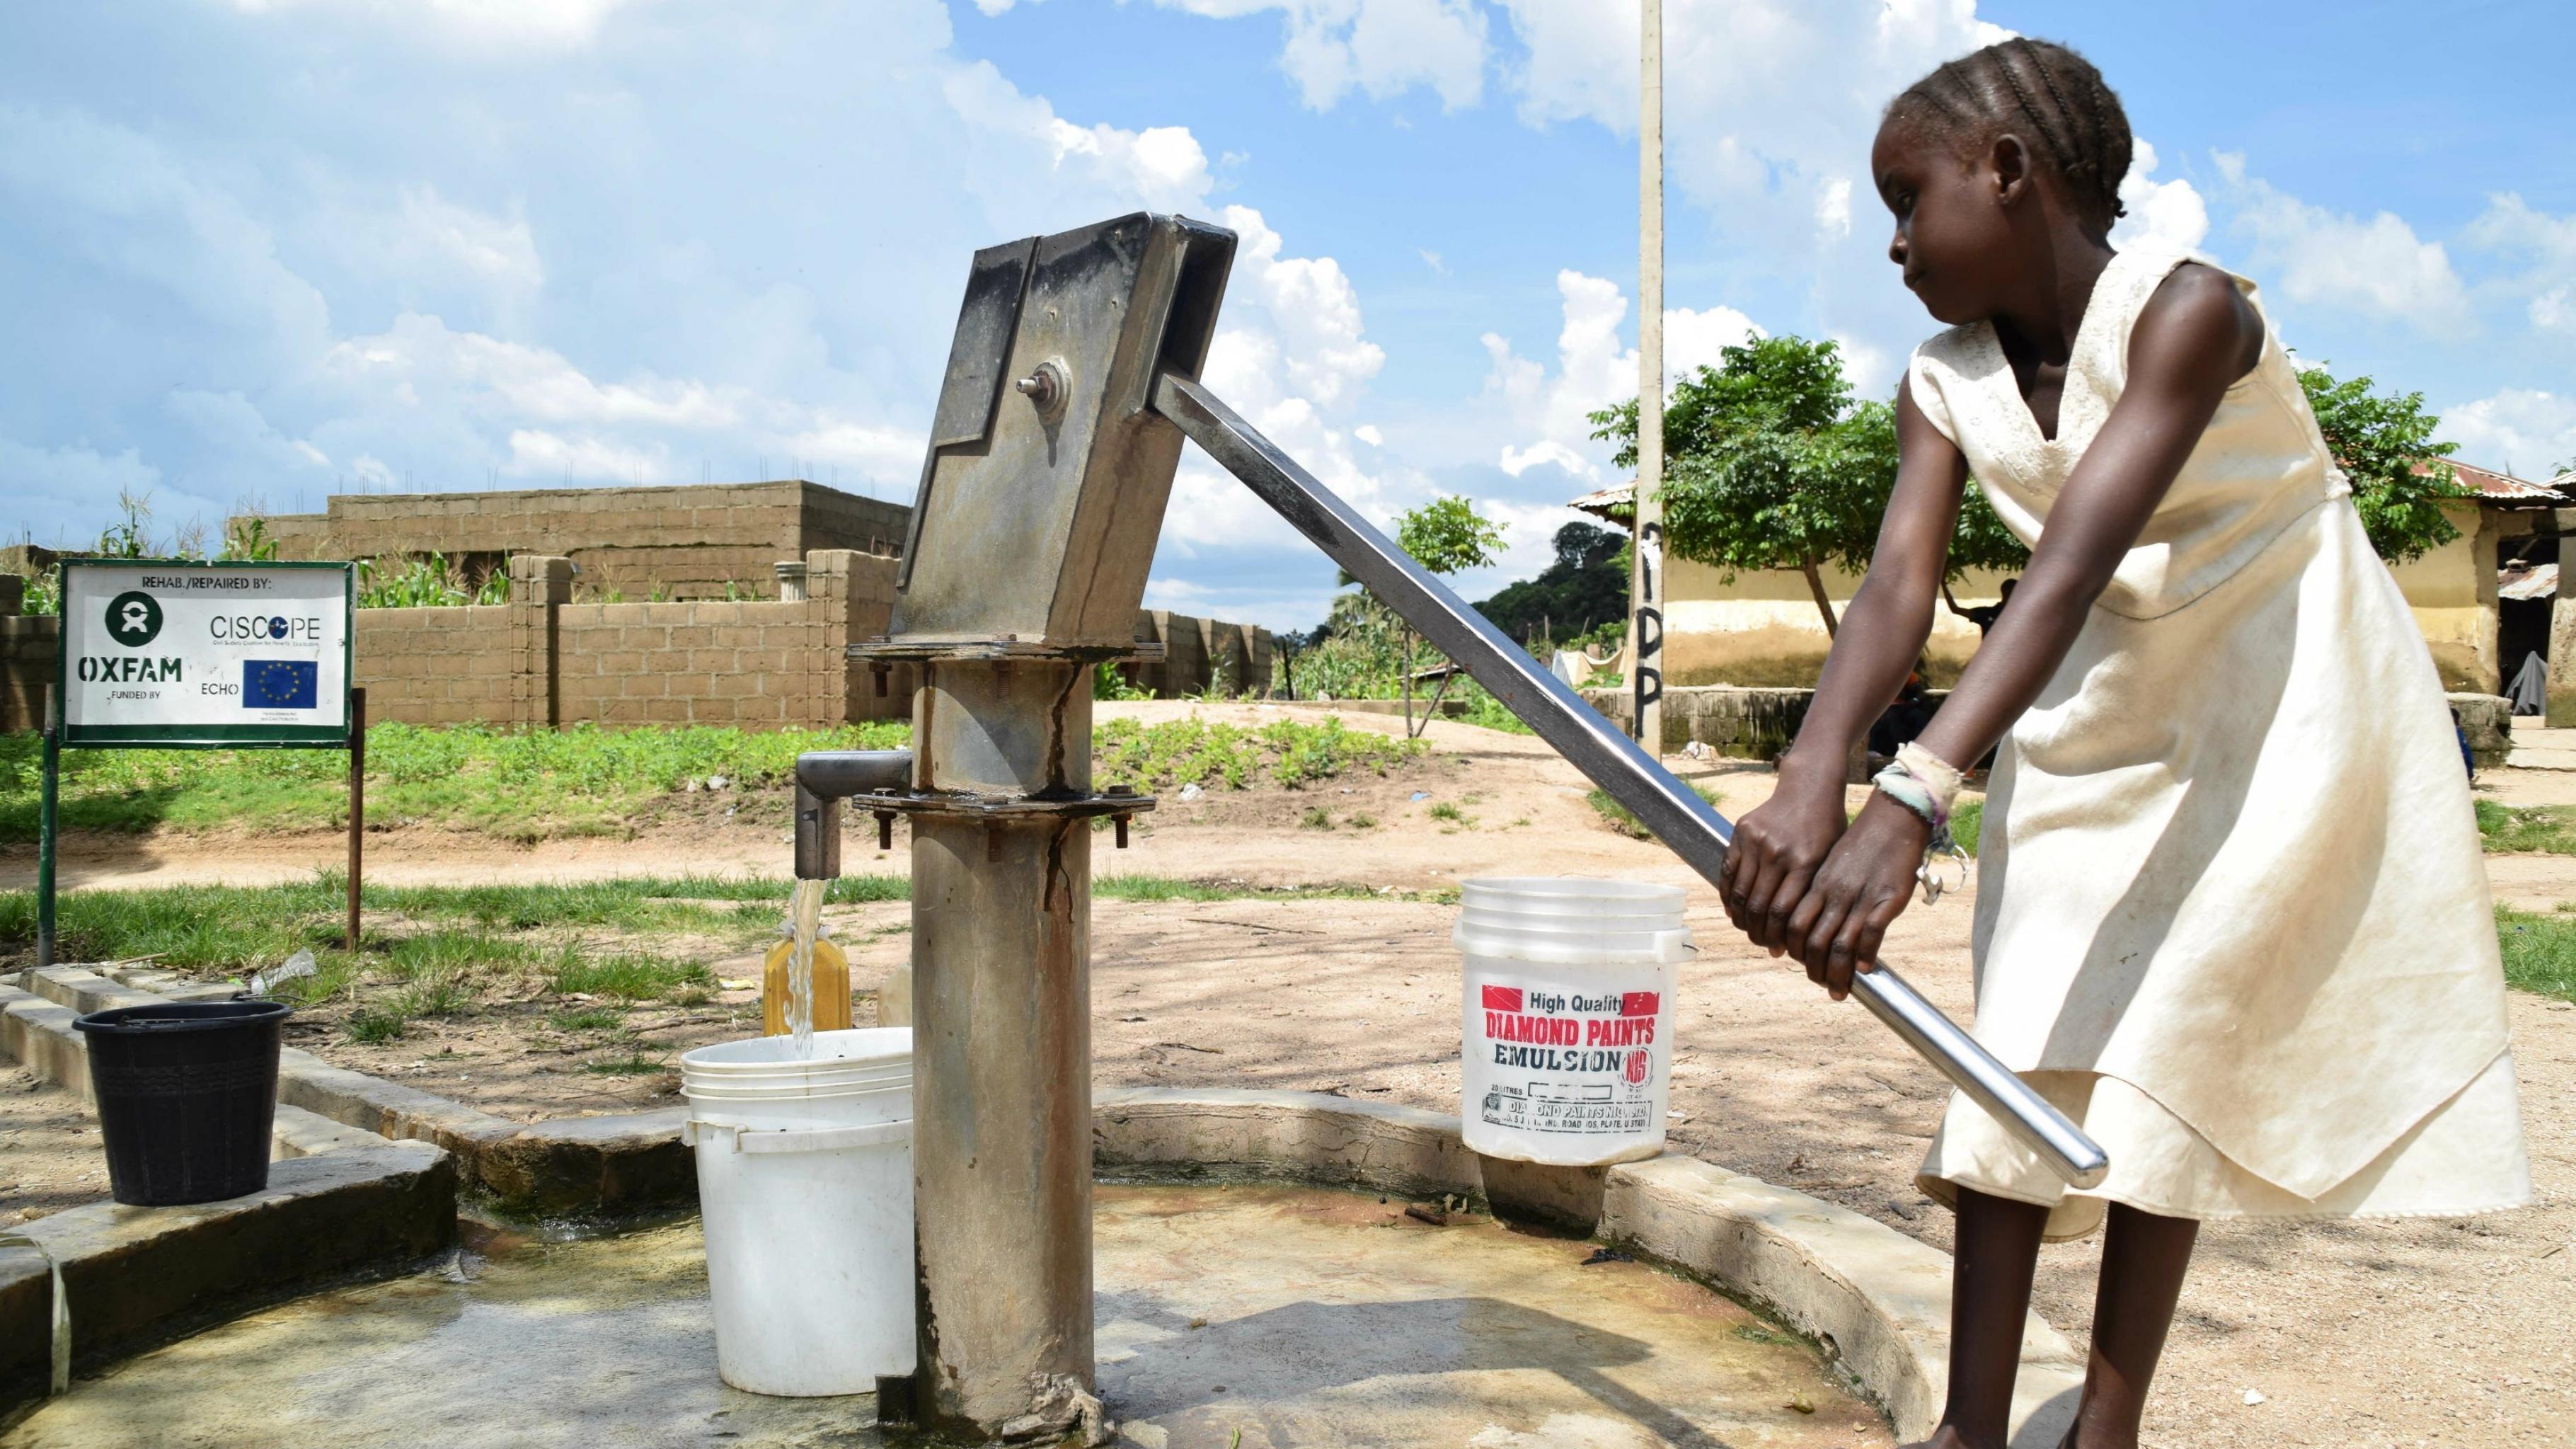 Ein Mädchen betätigt eine Handpumpe, um einen Eimer mit Wasser zu füllen.